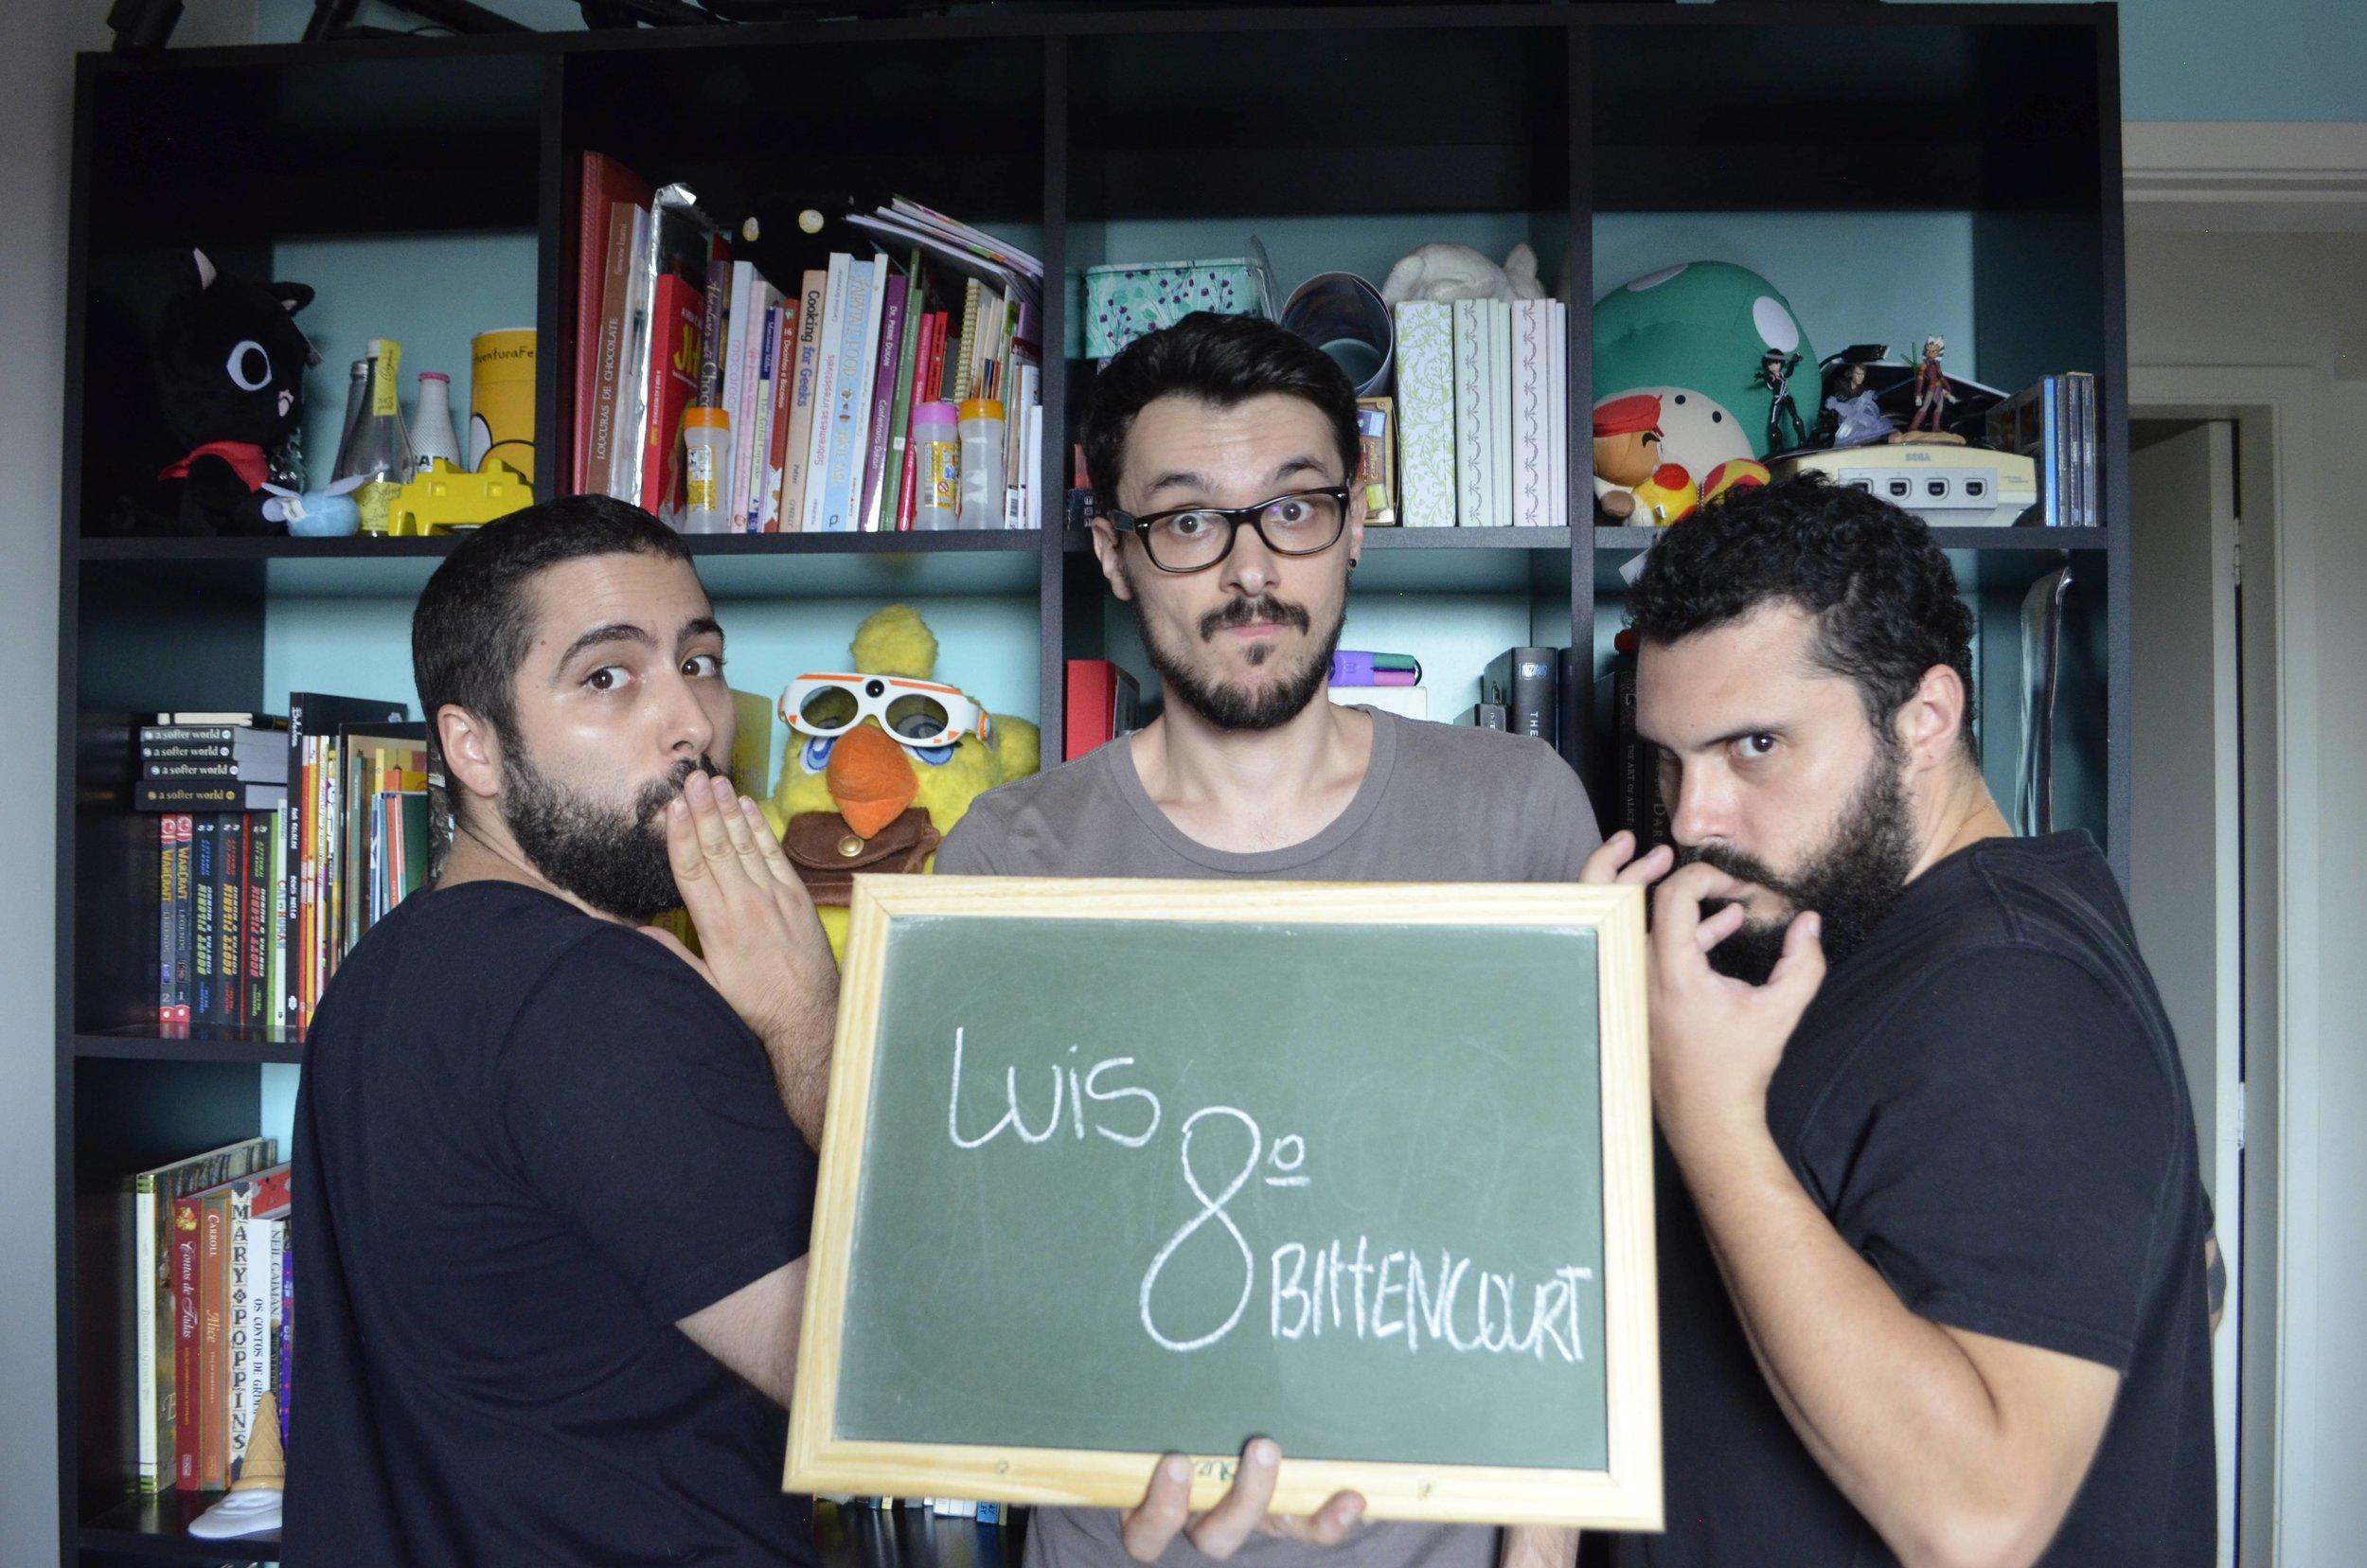 Luis-Otávio-Bittencourt.jpg